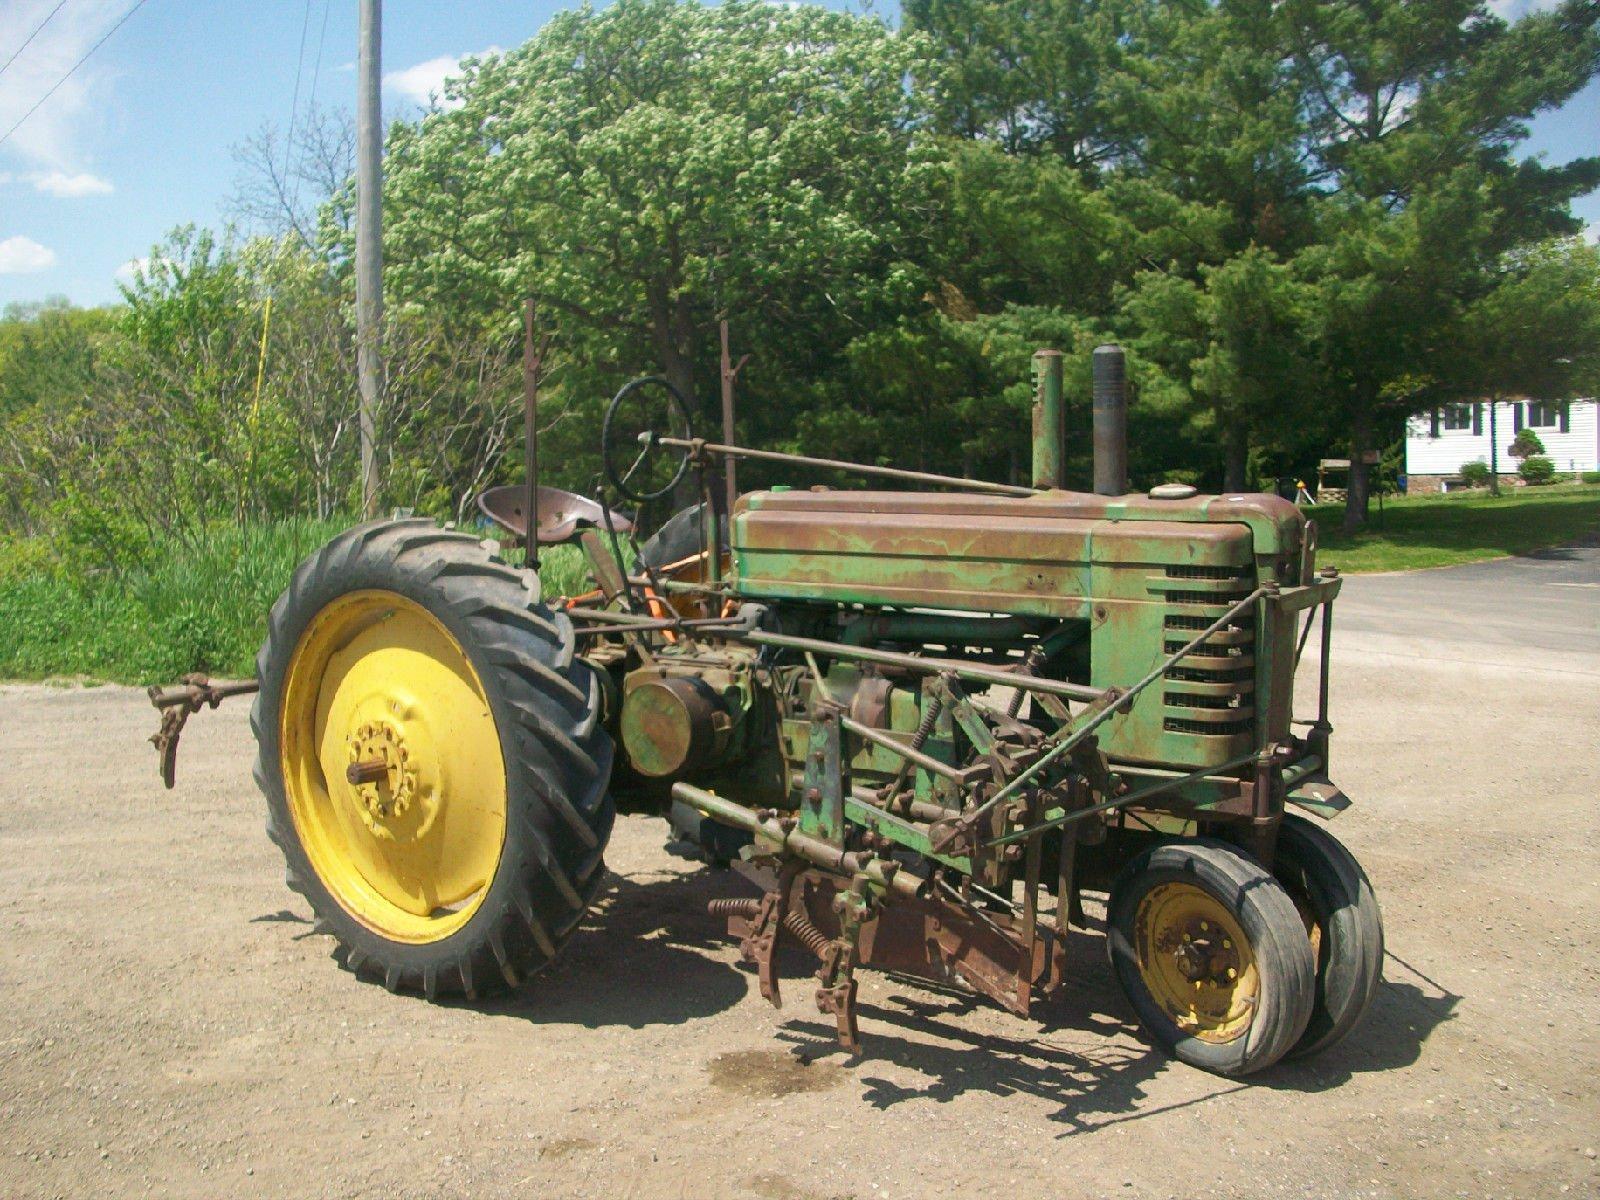 1939 John Deere B Antique Tractor NO RESERVE Cultivators ...